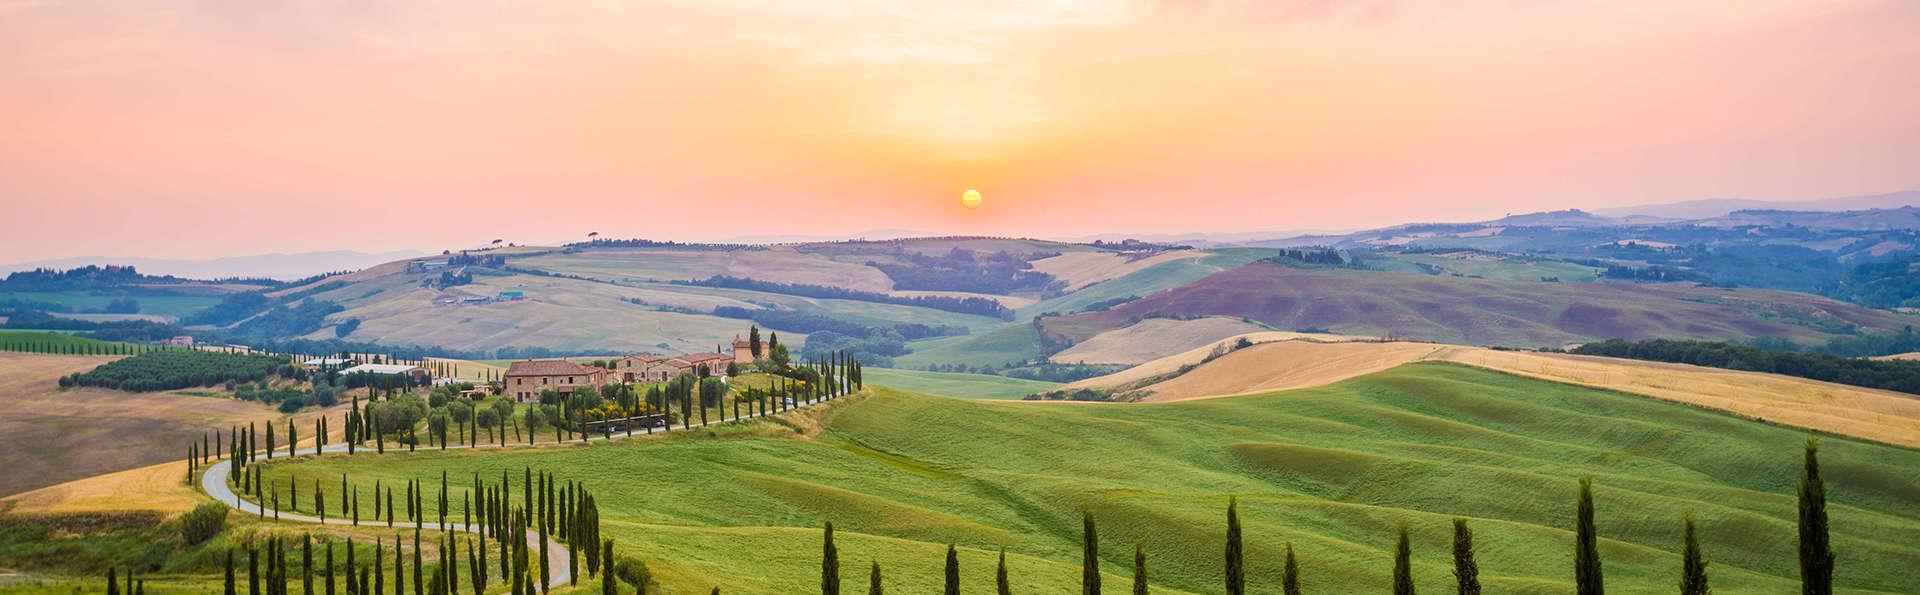 Découvrez le charme des collines toscanes avec verre de bienvenue